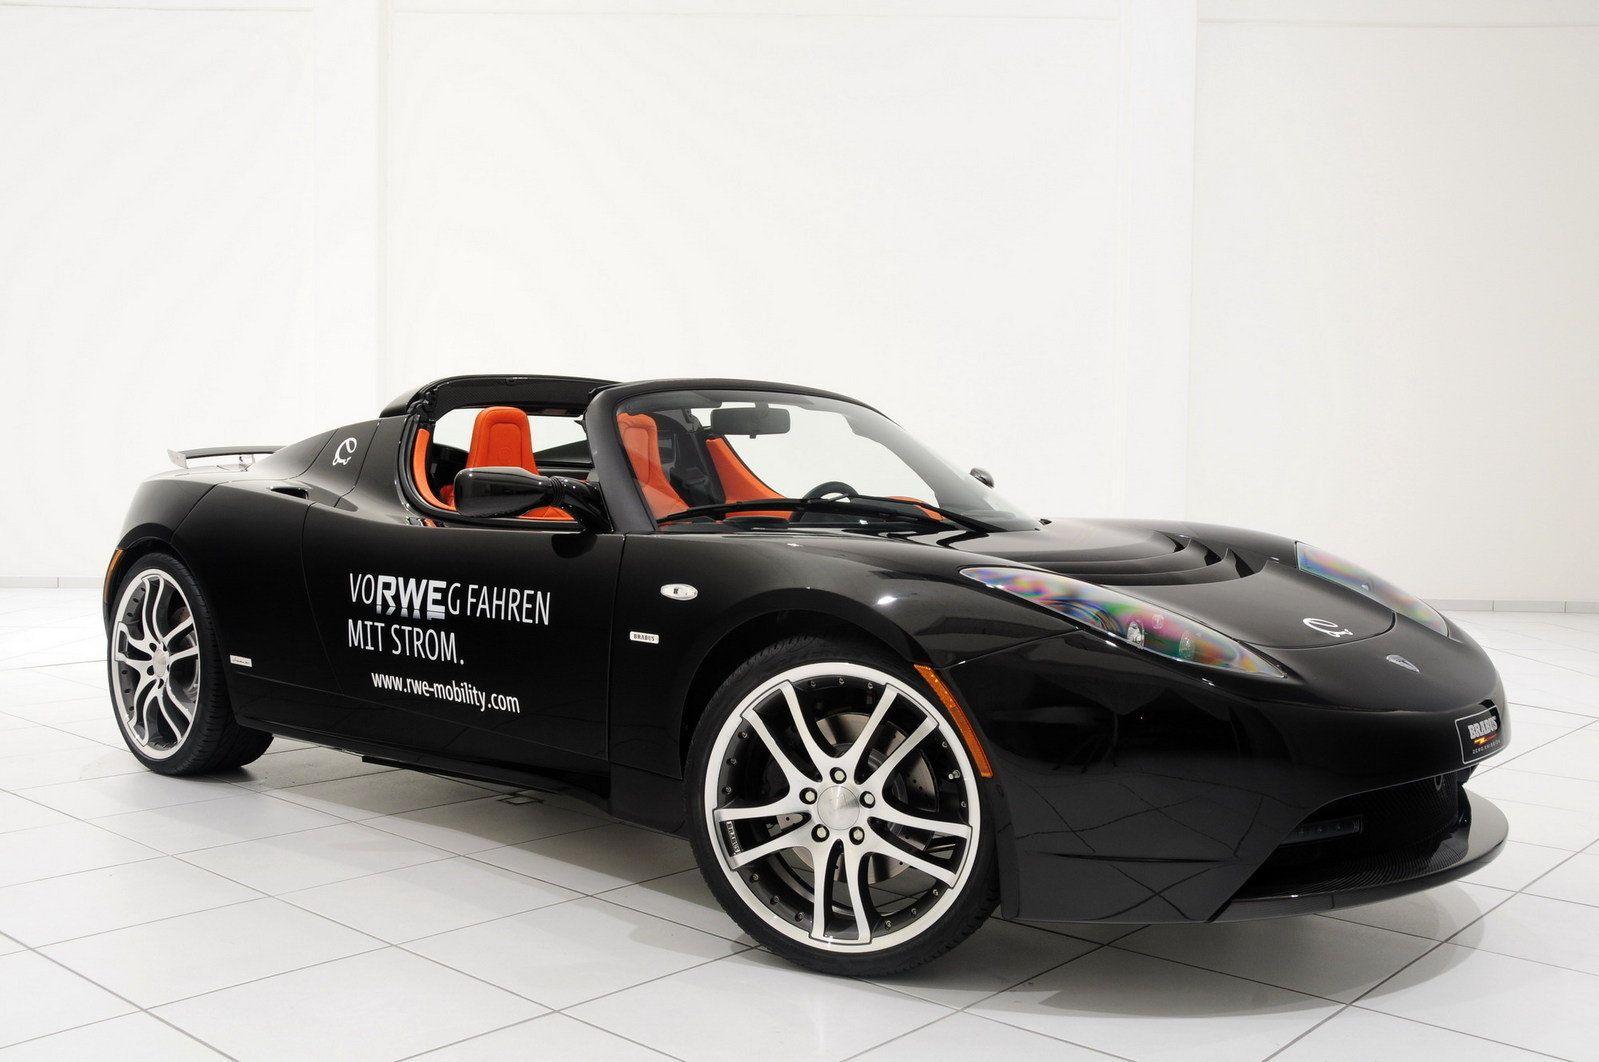 The Tesla Roadster an electric sportscar My buddy Jordan Adler